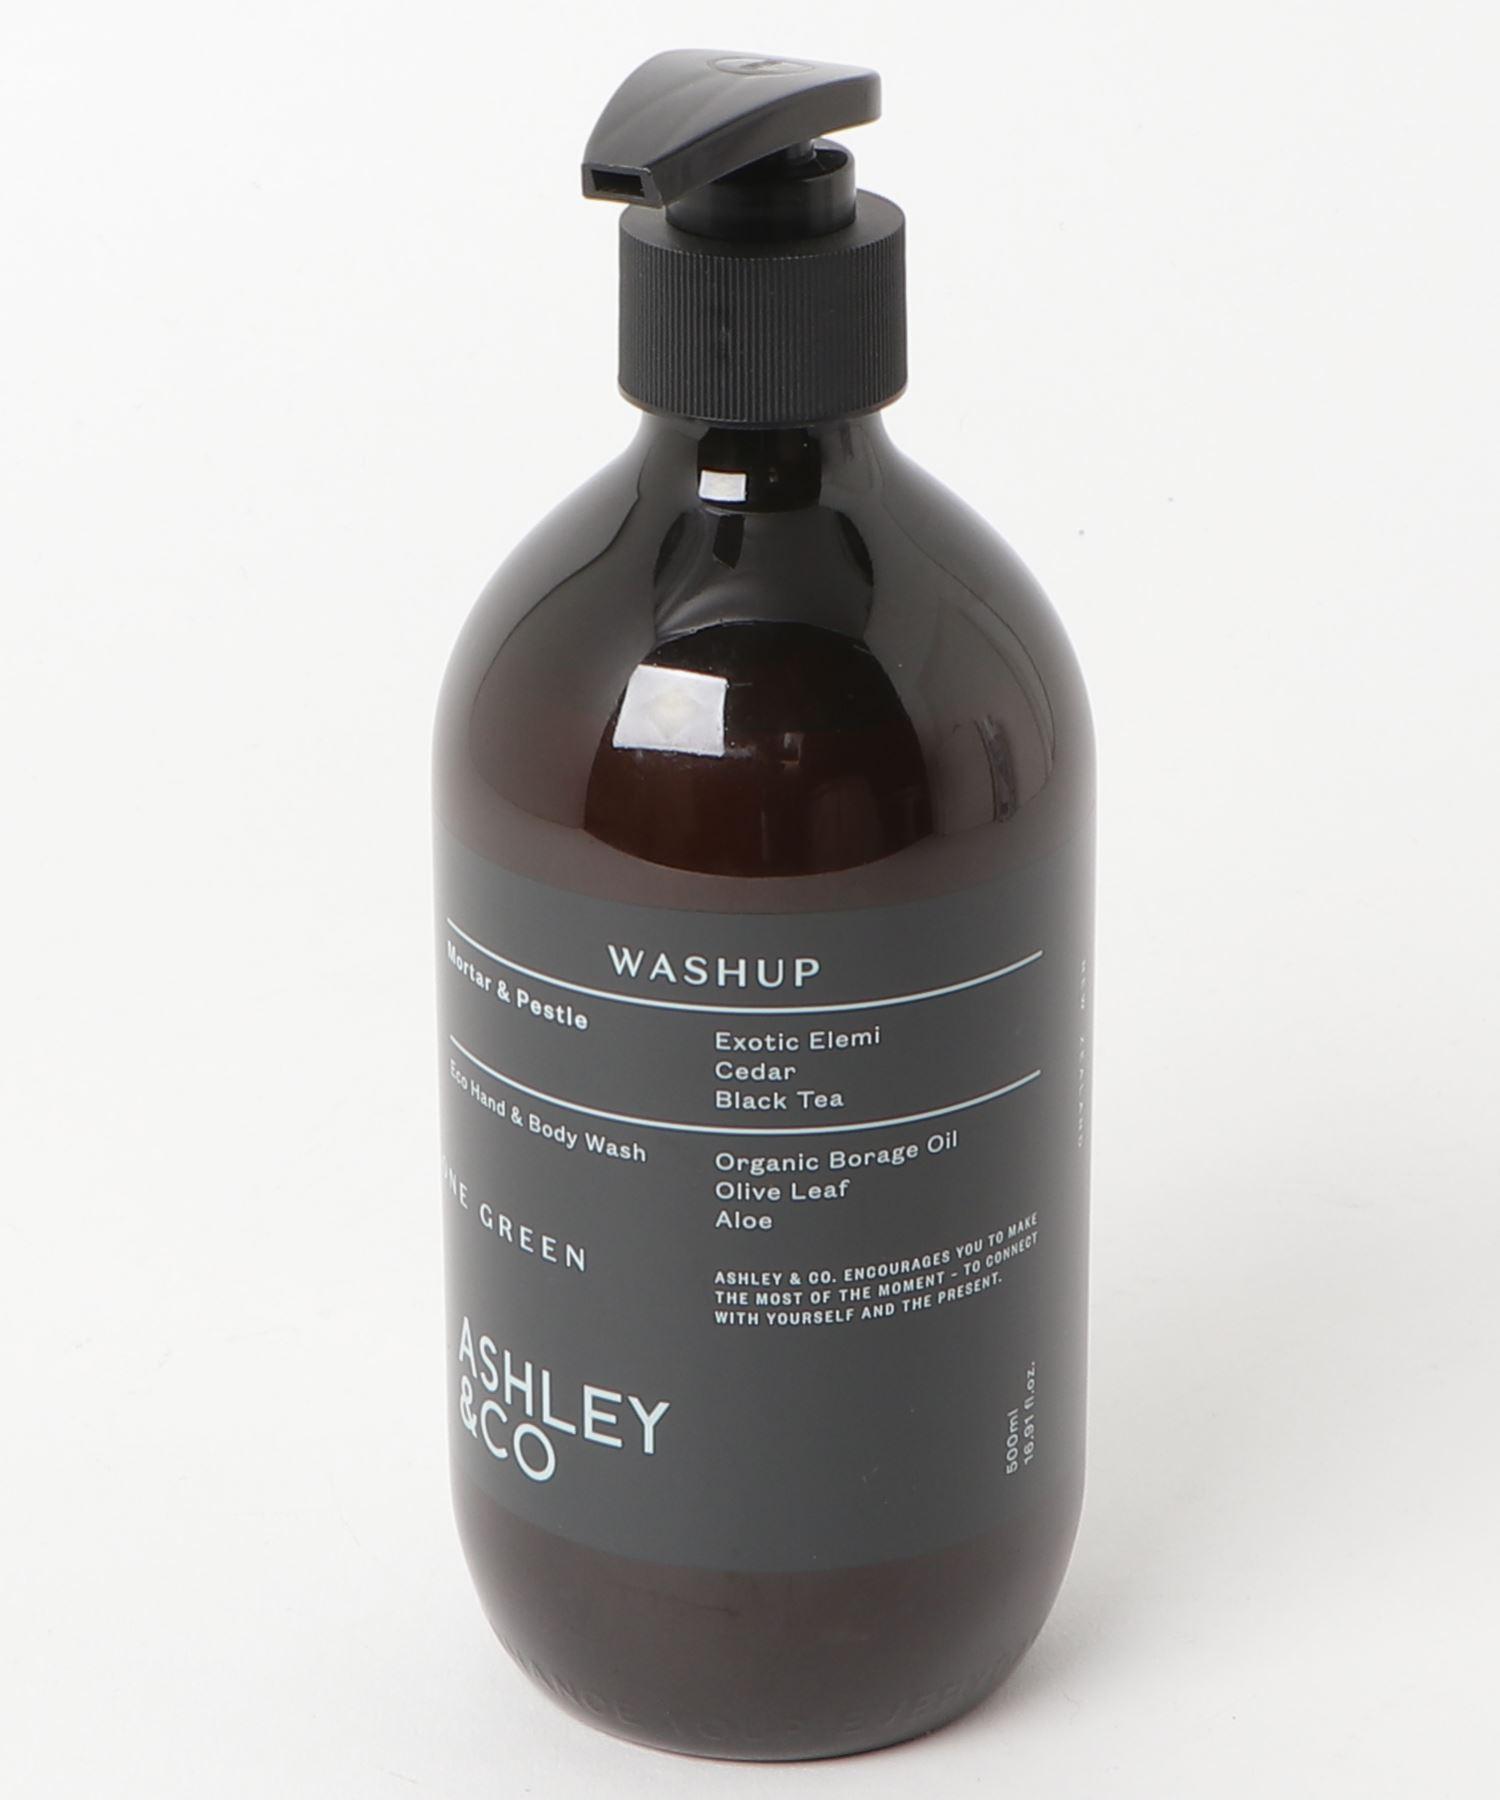 ASHLEY & CO ハンド&ボディウォッシュ ゴーングリーン Mortar & Pestie 500ml